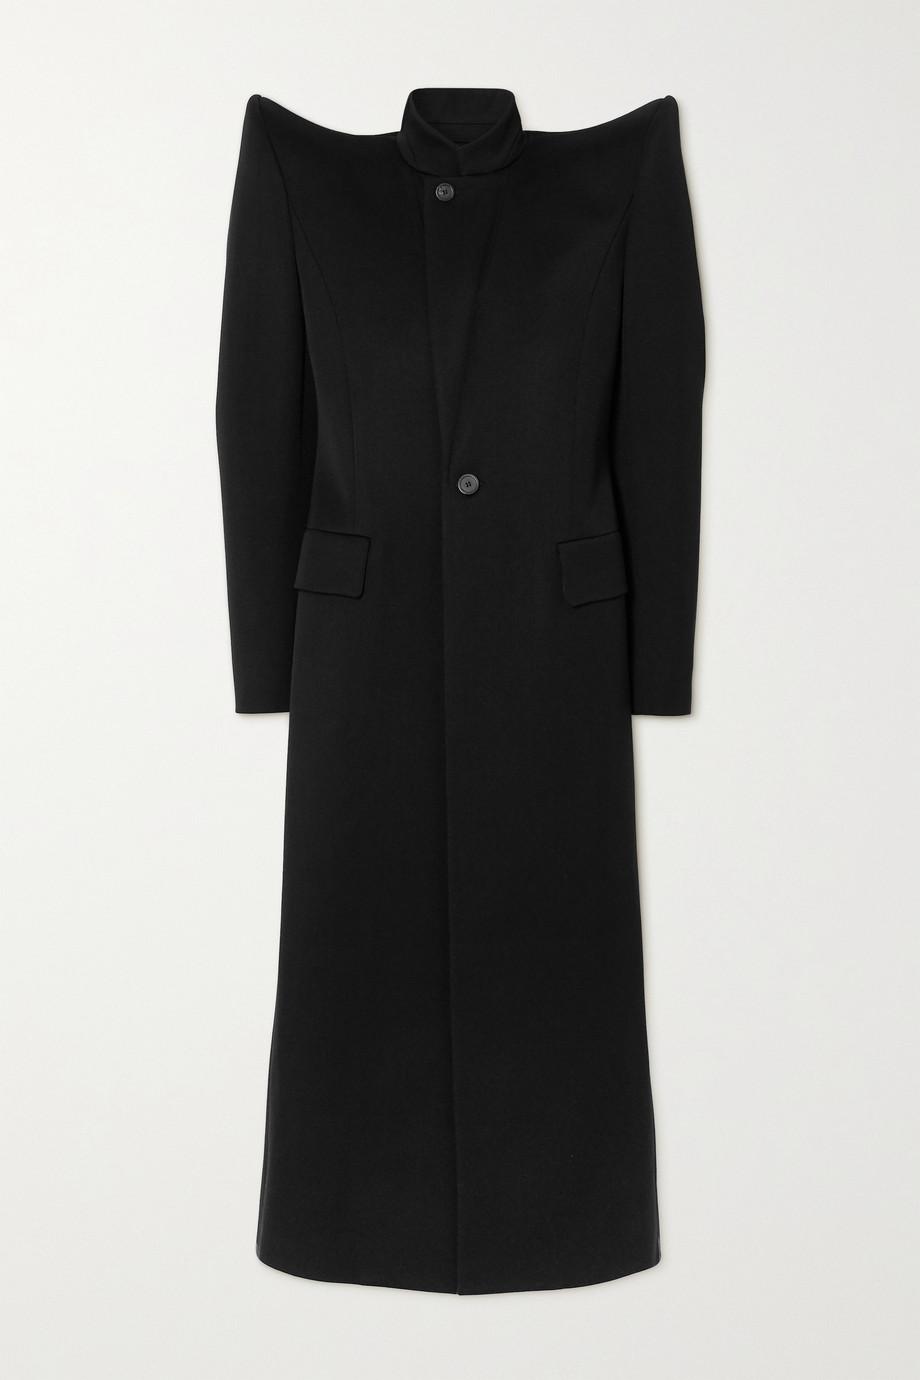 Balenciaga Mantel aus Woll-Twill